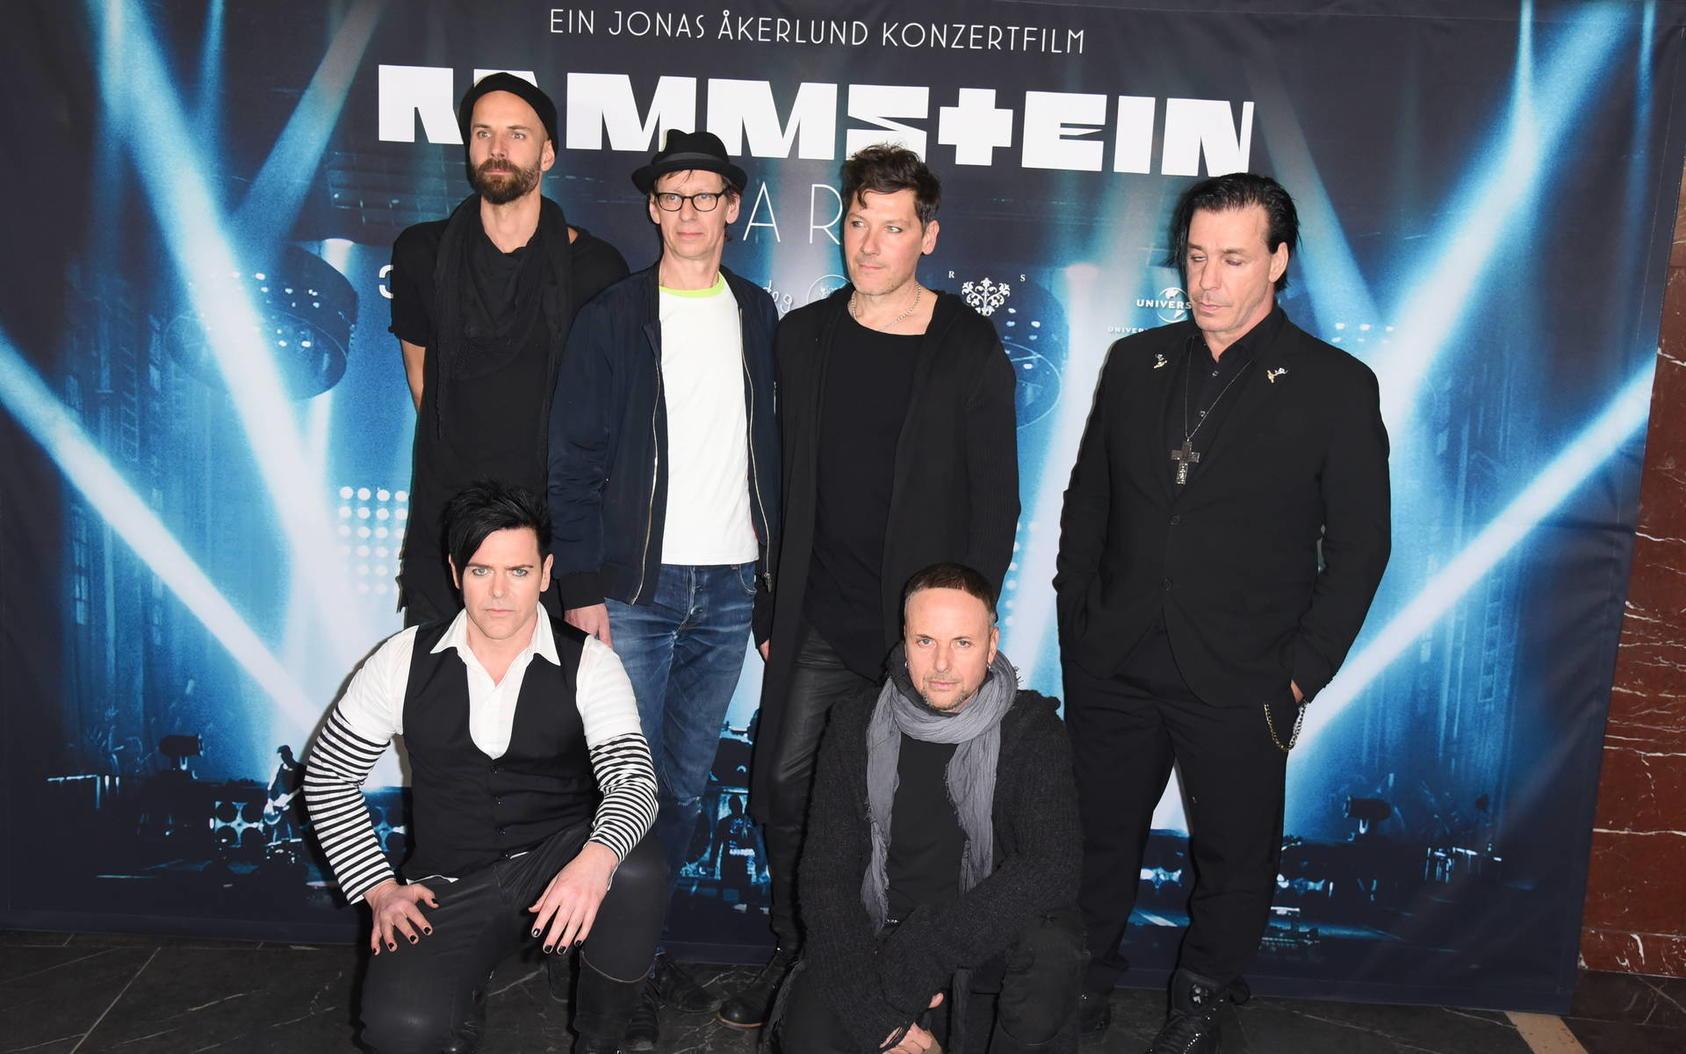 Till Lindemann und Co. wissen ihre Fans bei Laune zu halten